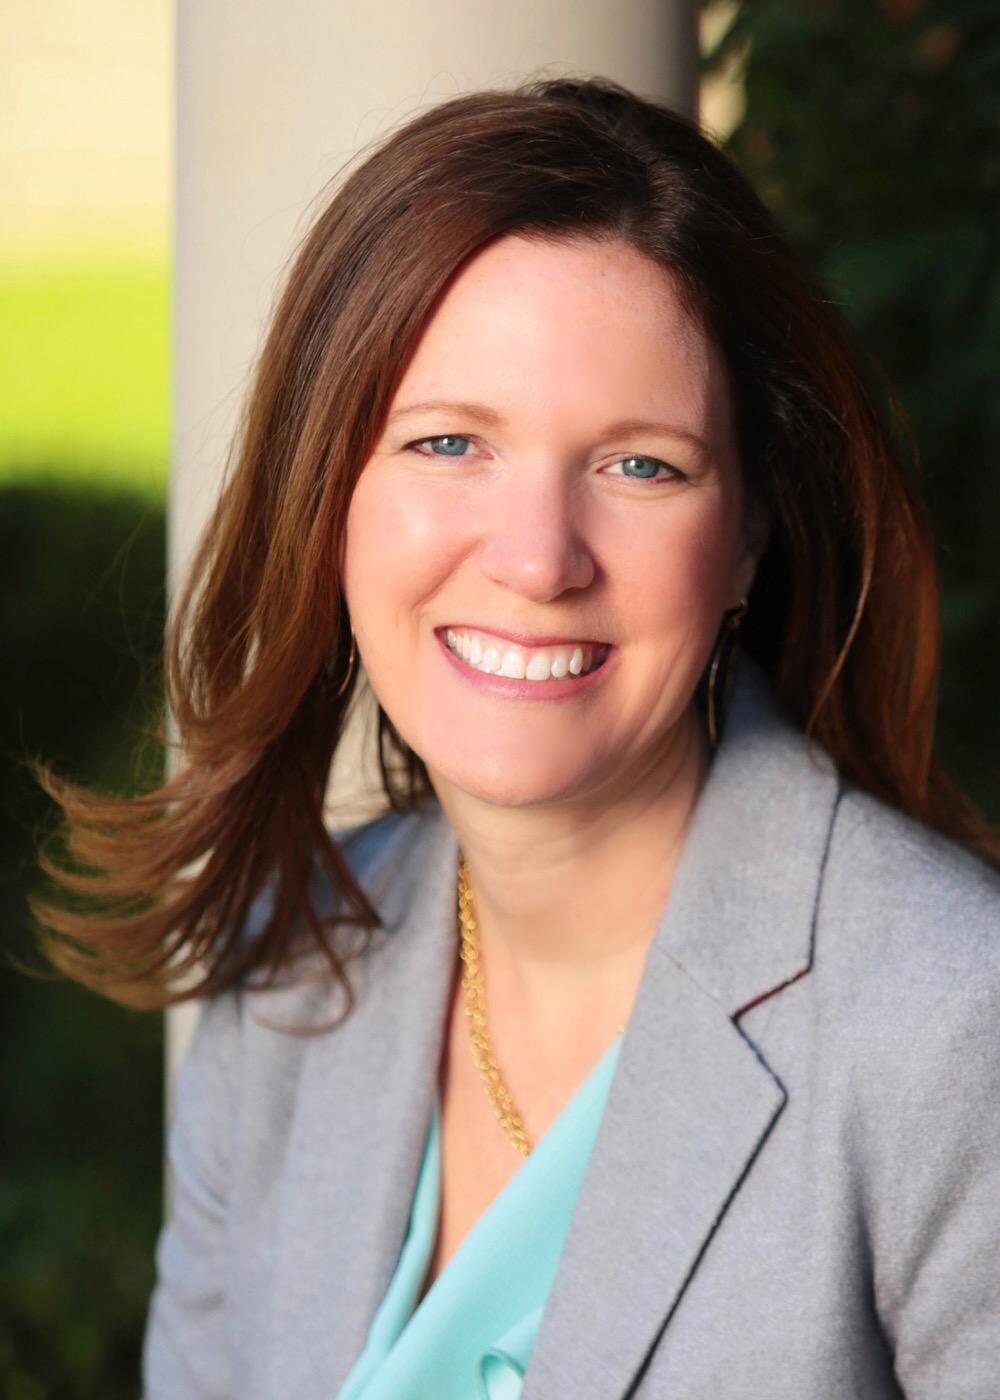 Julie S. Satterfeal, MS, RDN, LD